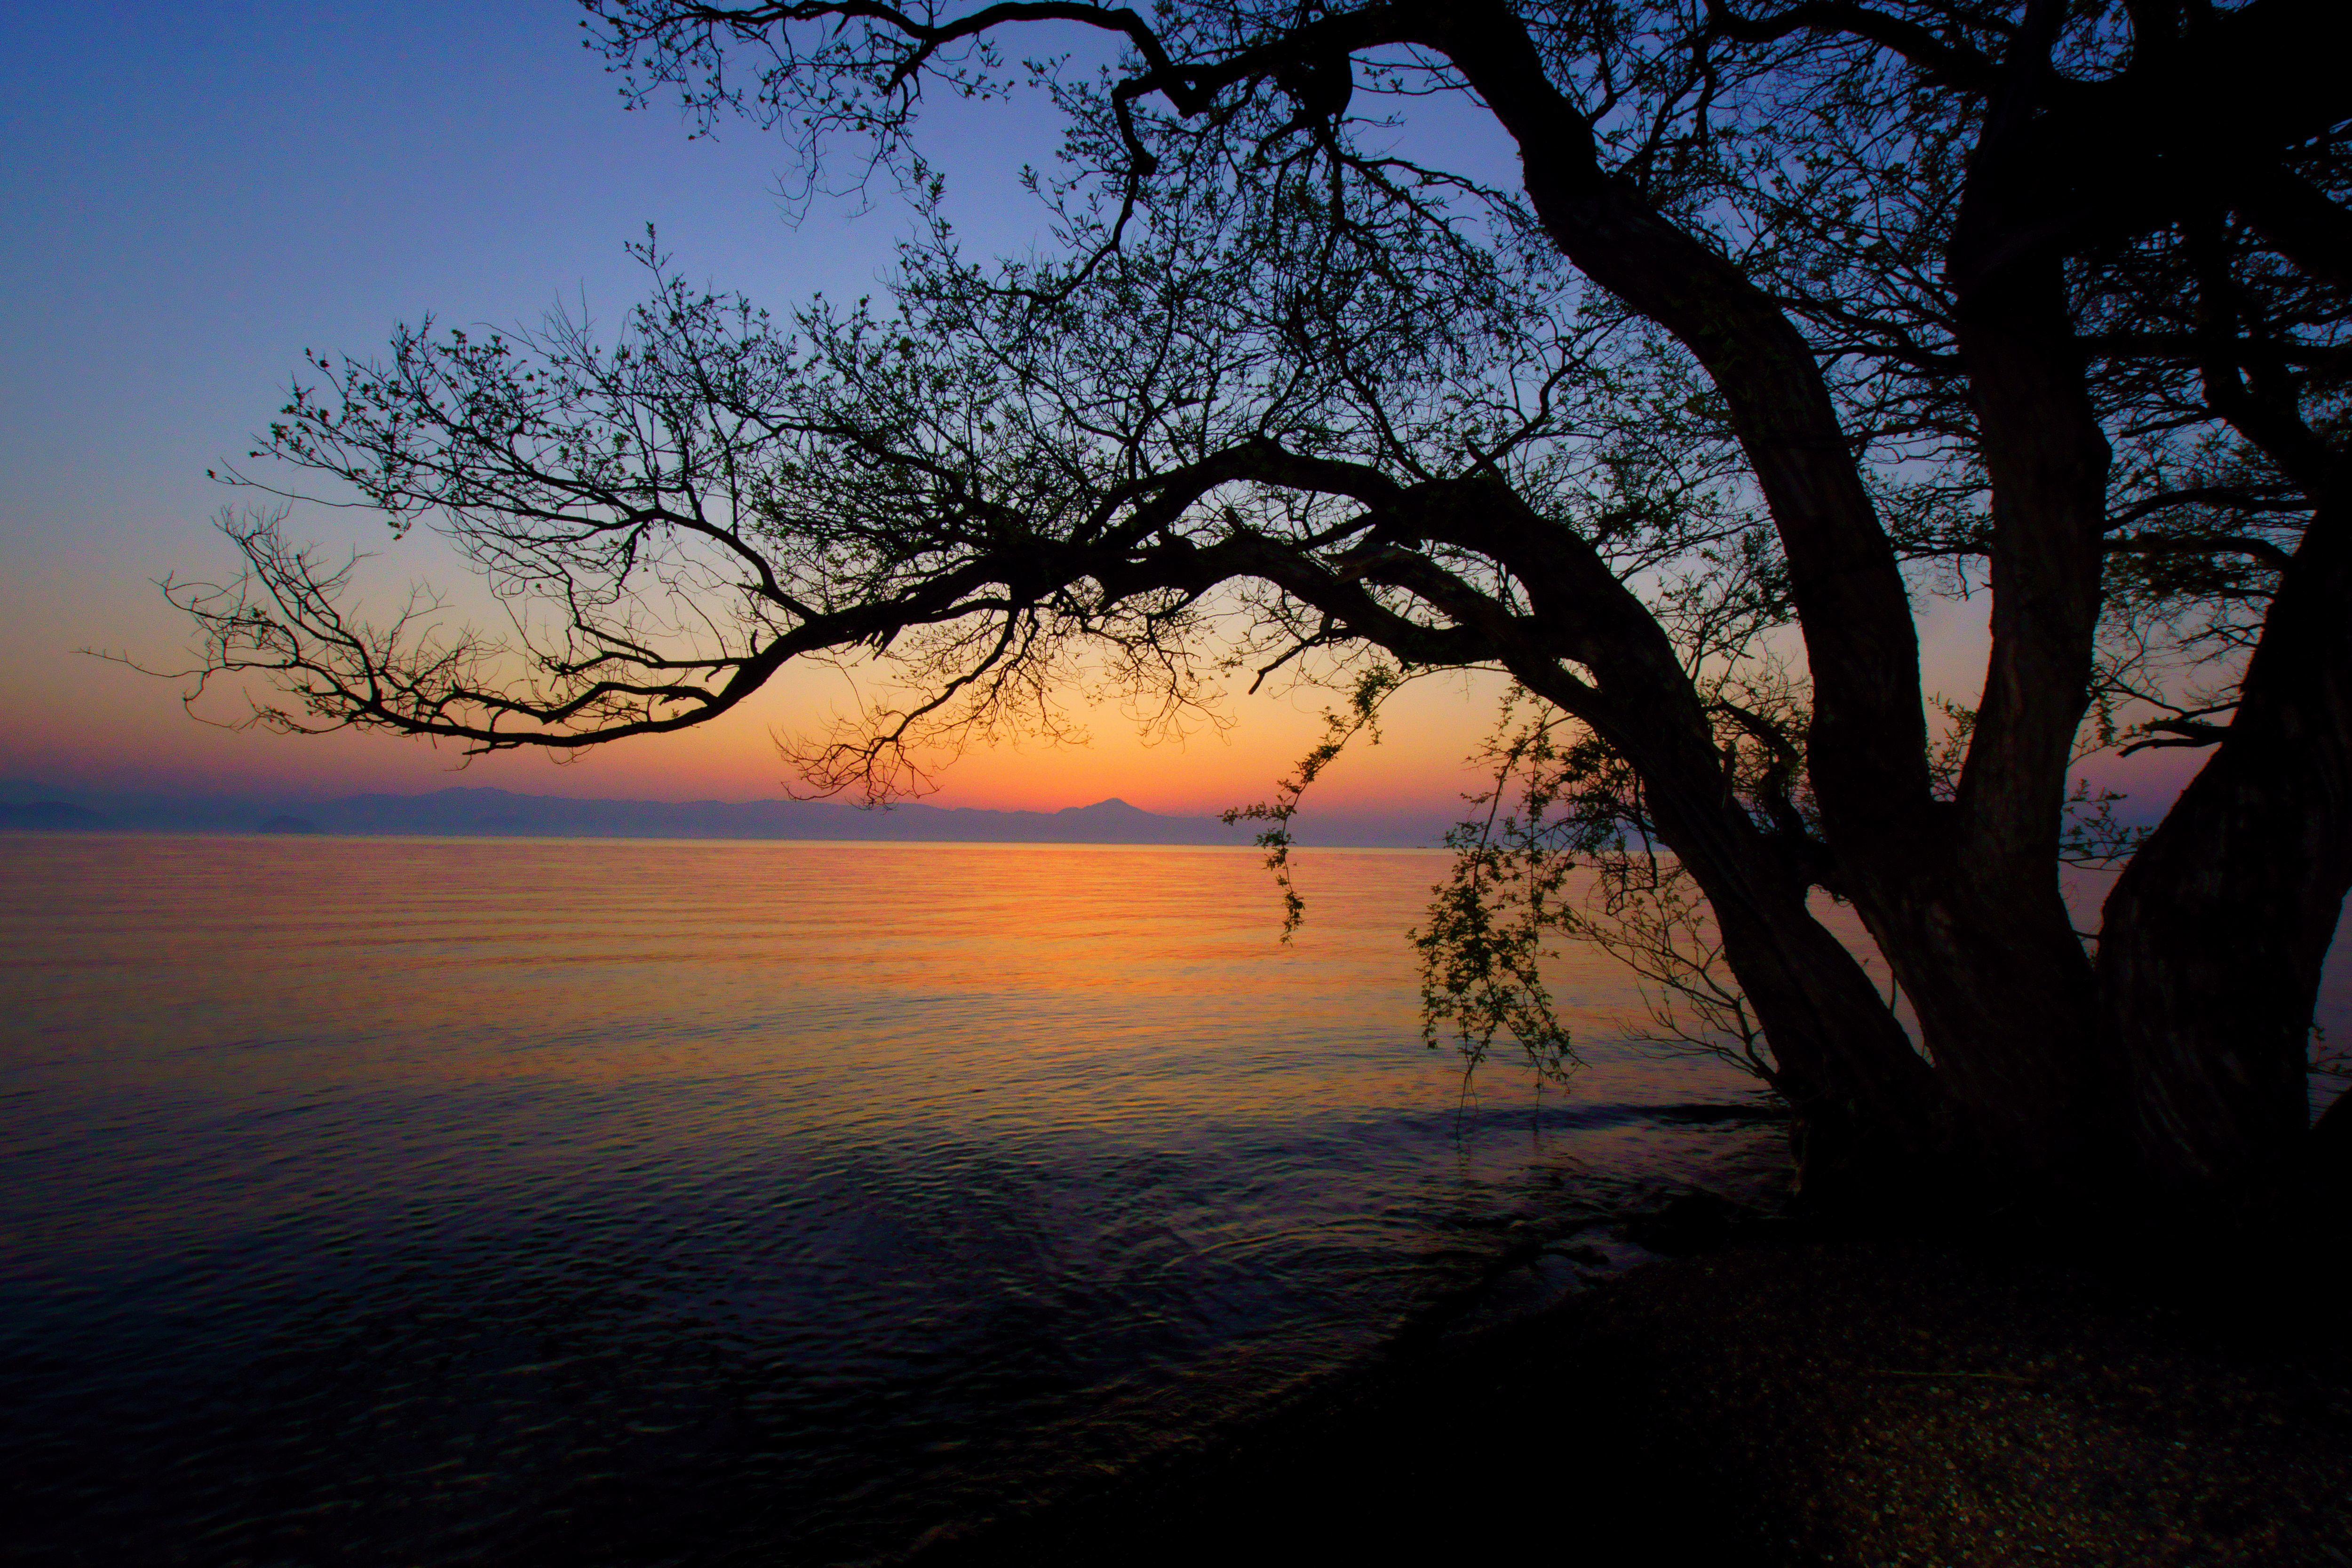 黎明の湖畔 矢野暢英様